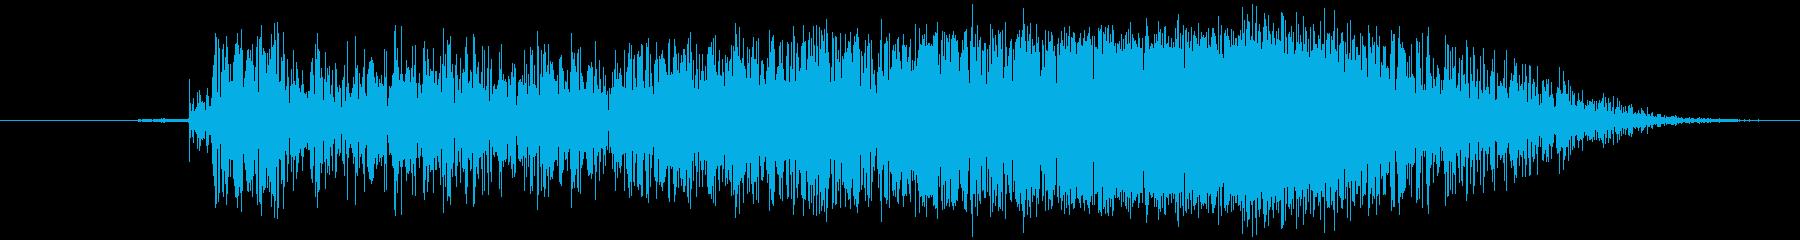 炭酸が抜ける (プシュッ)の再生済みの波形